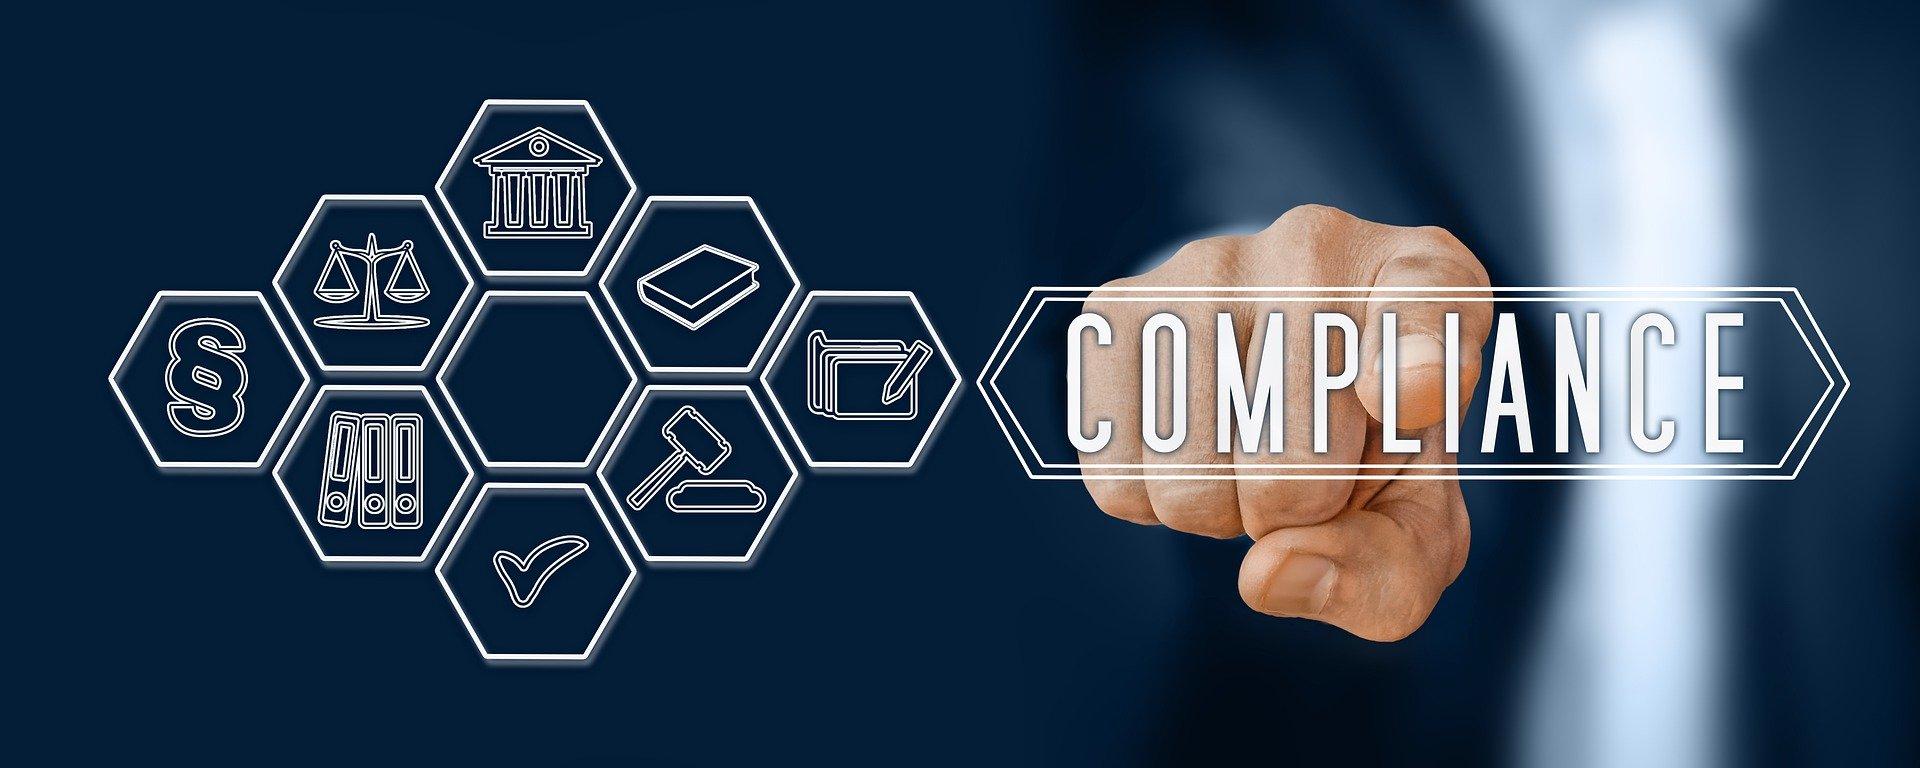 Nonprofit Compliance